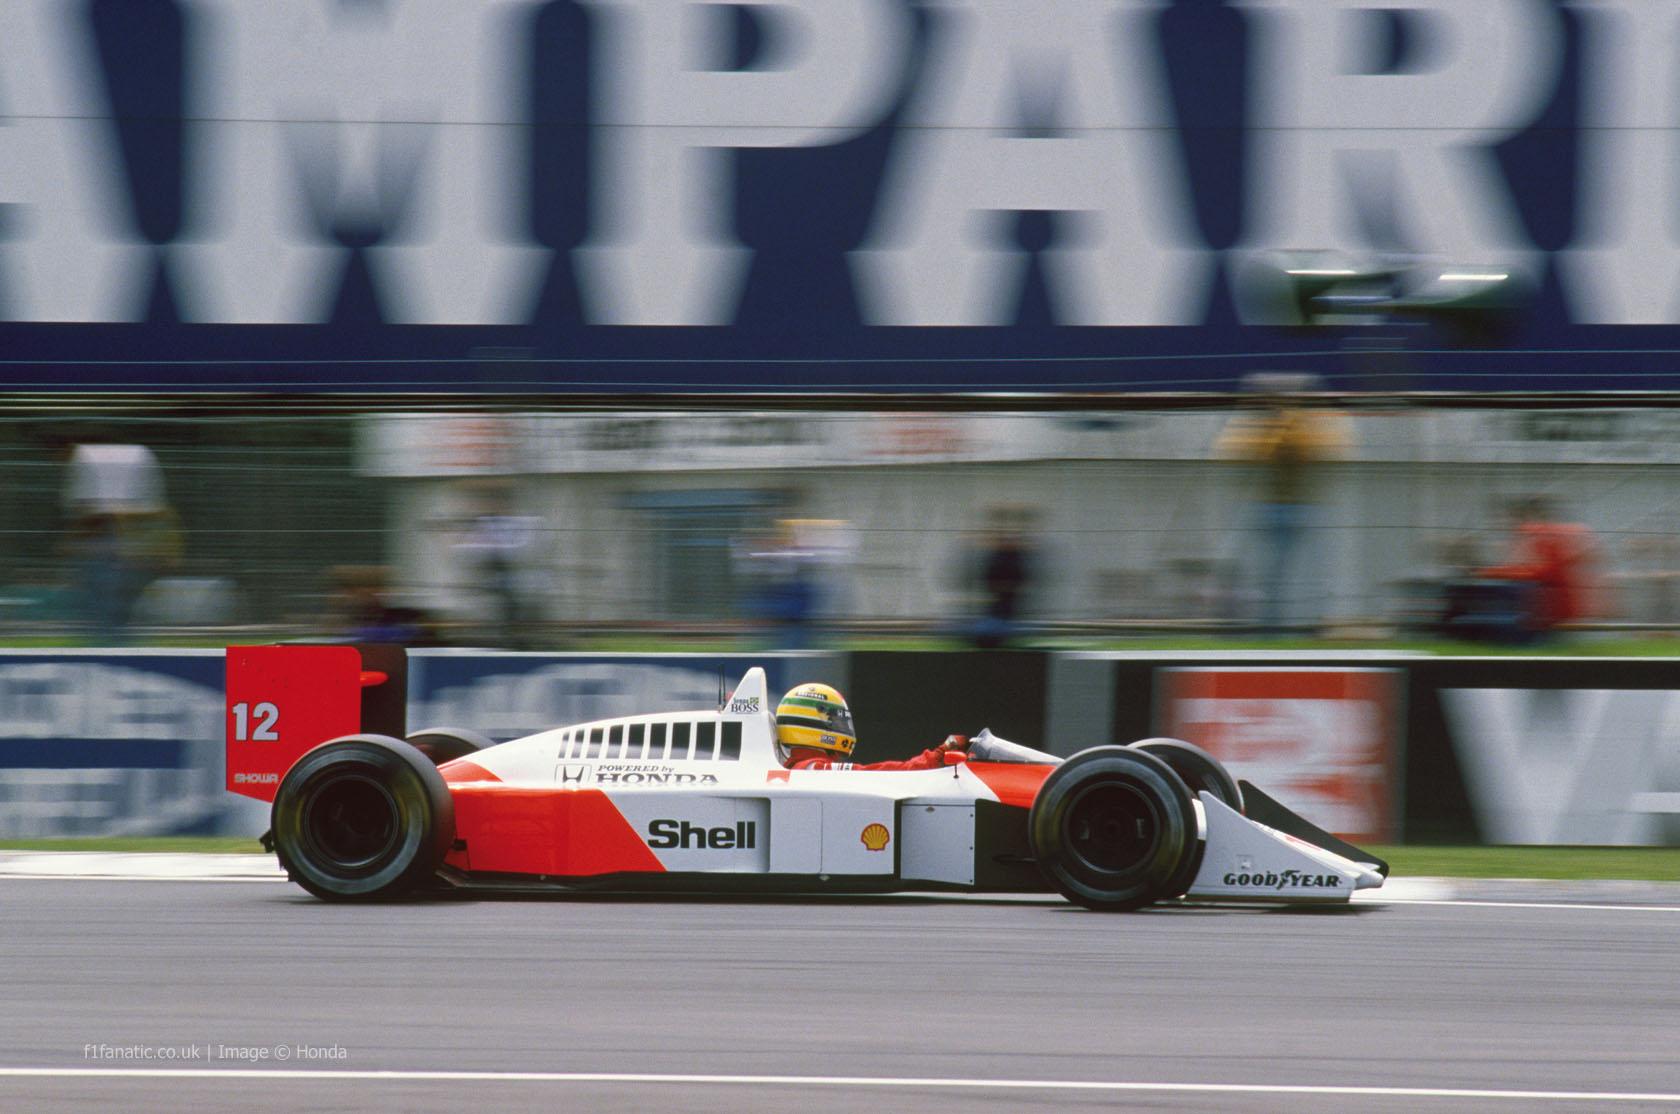 艾伦·塞纳(Ayrton Senna),迈凯轮,1988年